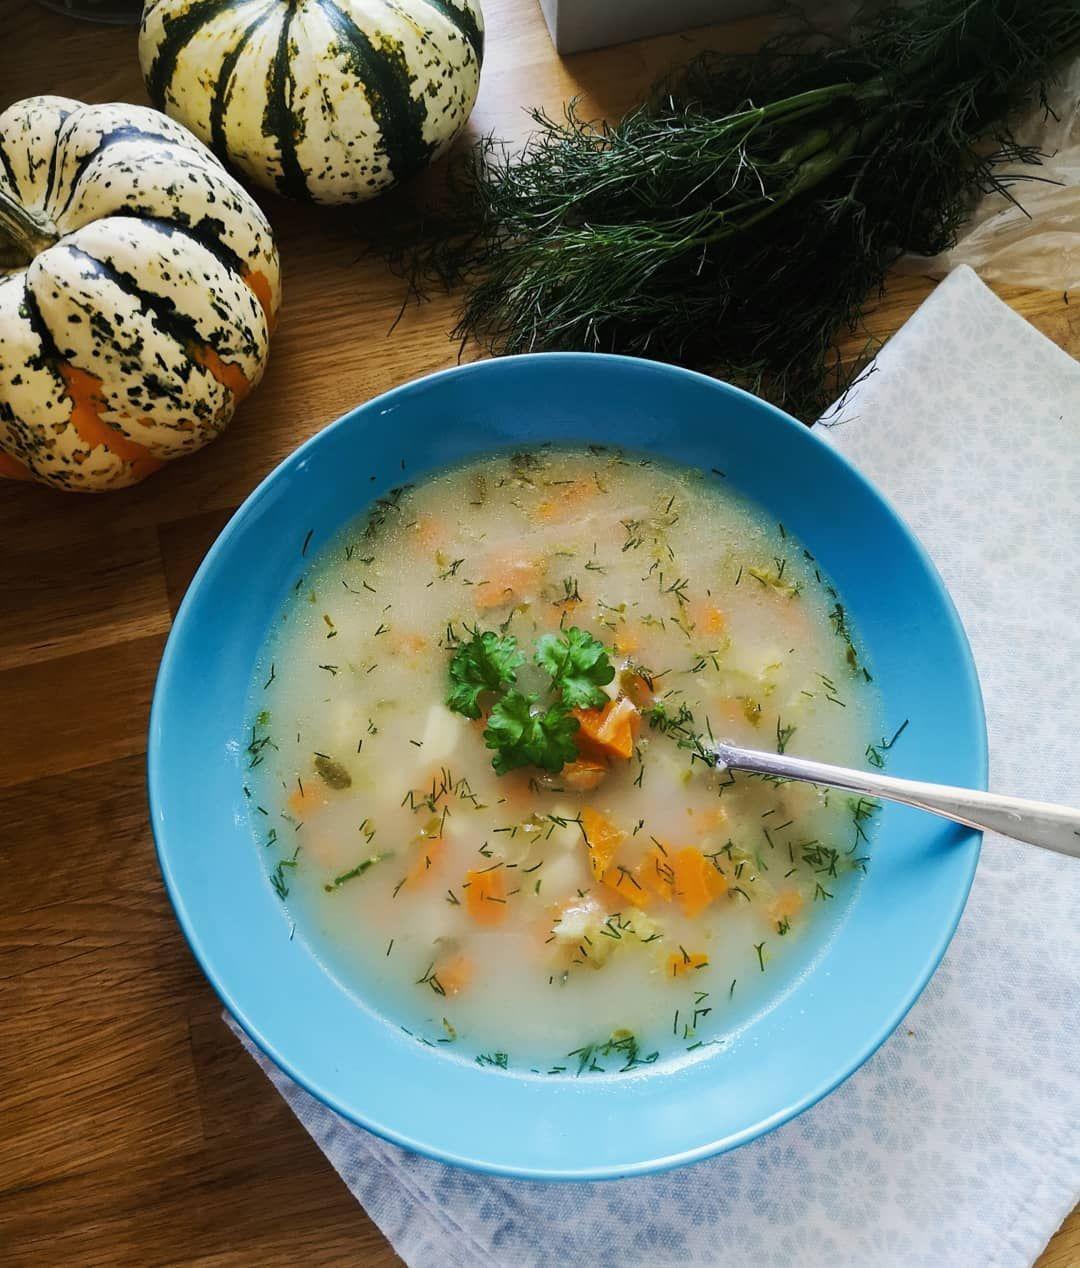 Jedna z moich ulubionych, ogórkowa.  BTW moje dzieci składają się w 60 % z ogórk - Jedna z moich ulubionych, ogórkowa. ❤️ BTW moje dzieci składają się w 60 % z ogórków kiszonych, jedzą je na śniadanie, obiad i kolacje. 🤣 @jesc_i_ogladac dzisiaj się zgraliśmy 😁 .  #zupa #ogórkowa #zupaogórkowa #soupideas #polskakuchnia #ogórki #kiszone  #polskiezupy #obiad #warzywa #pomyslnaobiad #pysznosci #zdrowejedzenie #dietabezdiety #wiemcojem #domowejedzenie #domowyobiad #mniam #mojegotowanie #zupysamsmak